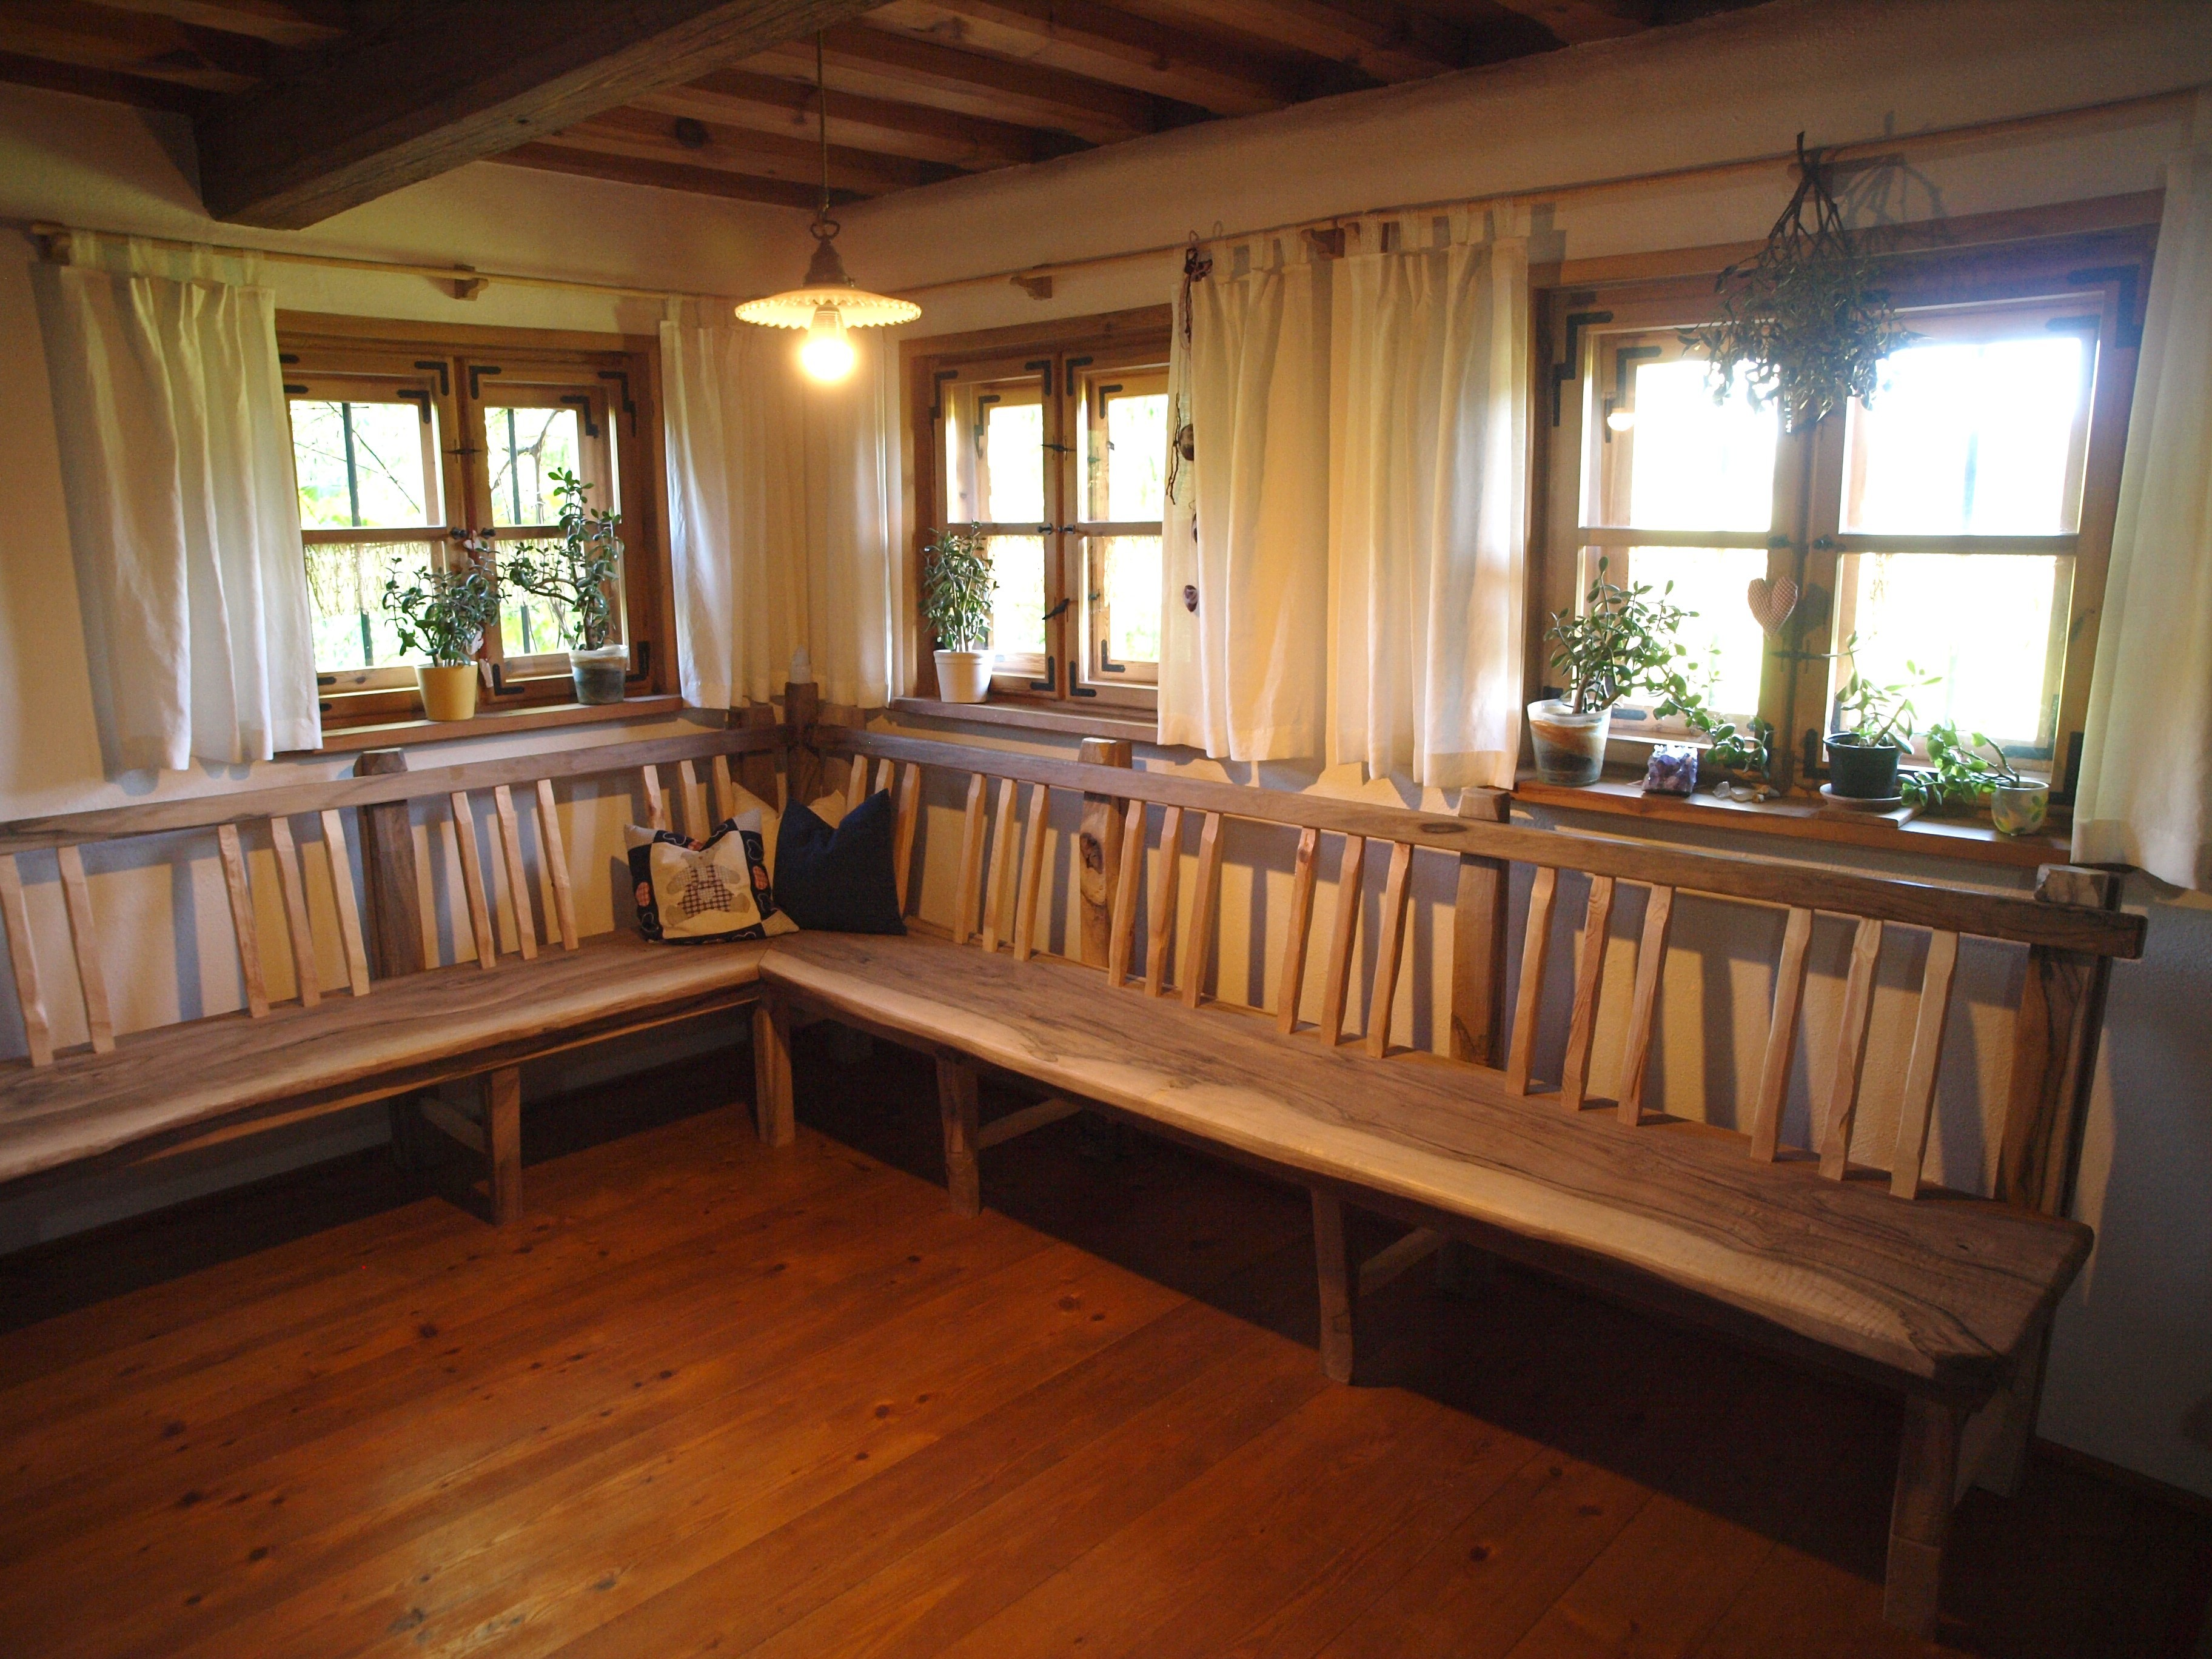 Eckbank altholz  Ursprüngliches Handwerk | SEIDL – Tradition und Kunsthandwerk aus Holz